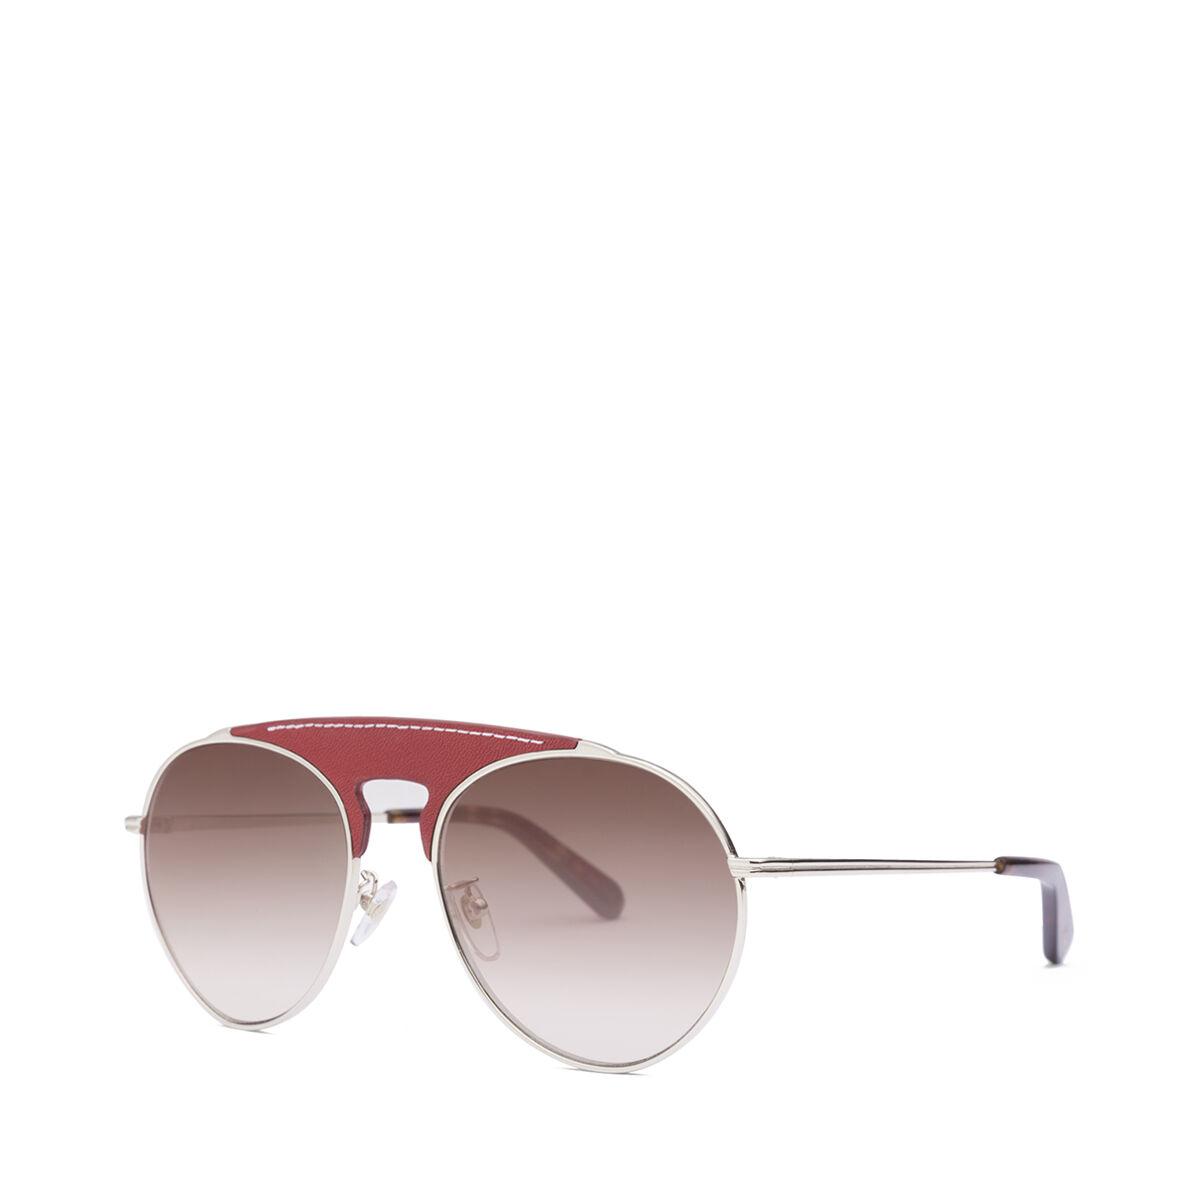 LOEWE Gafas Piloto Rojo/Marron Degradado front